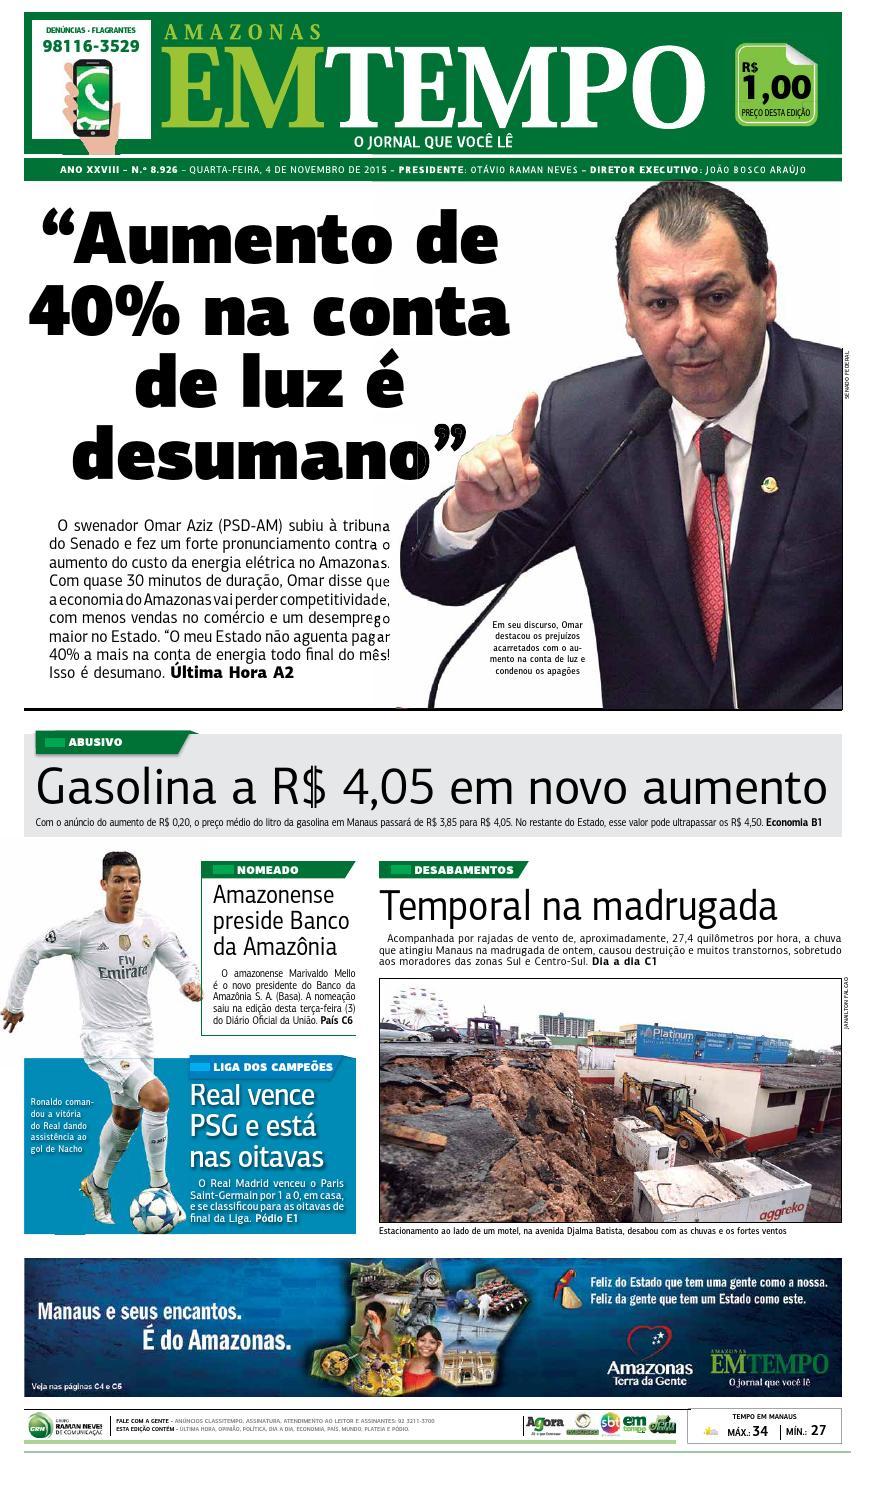 Anúncio Sexo Esporadico Com Manaus-5205